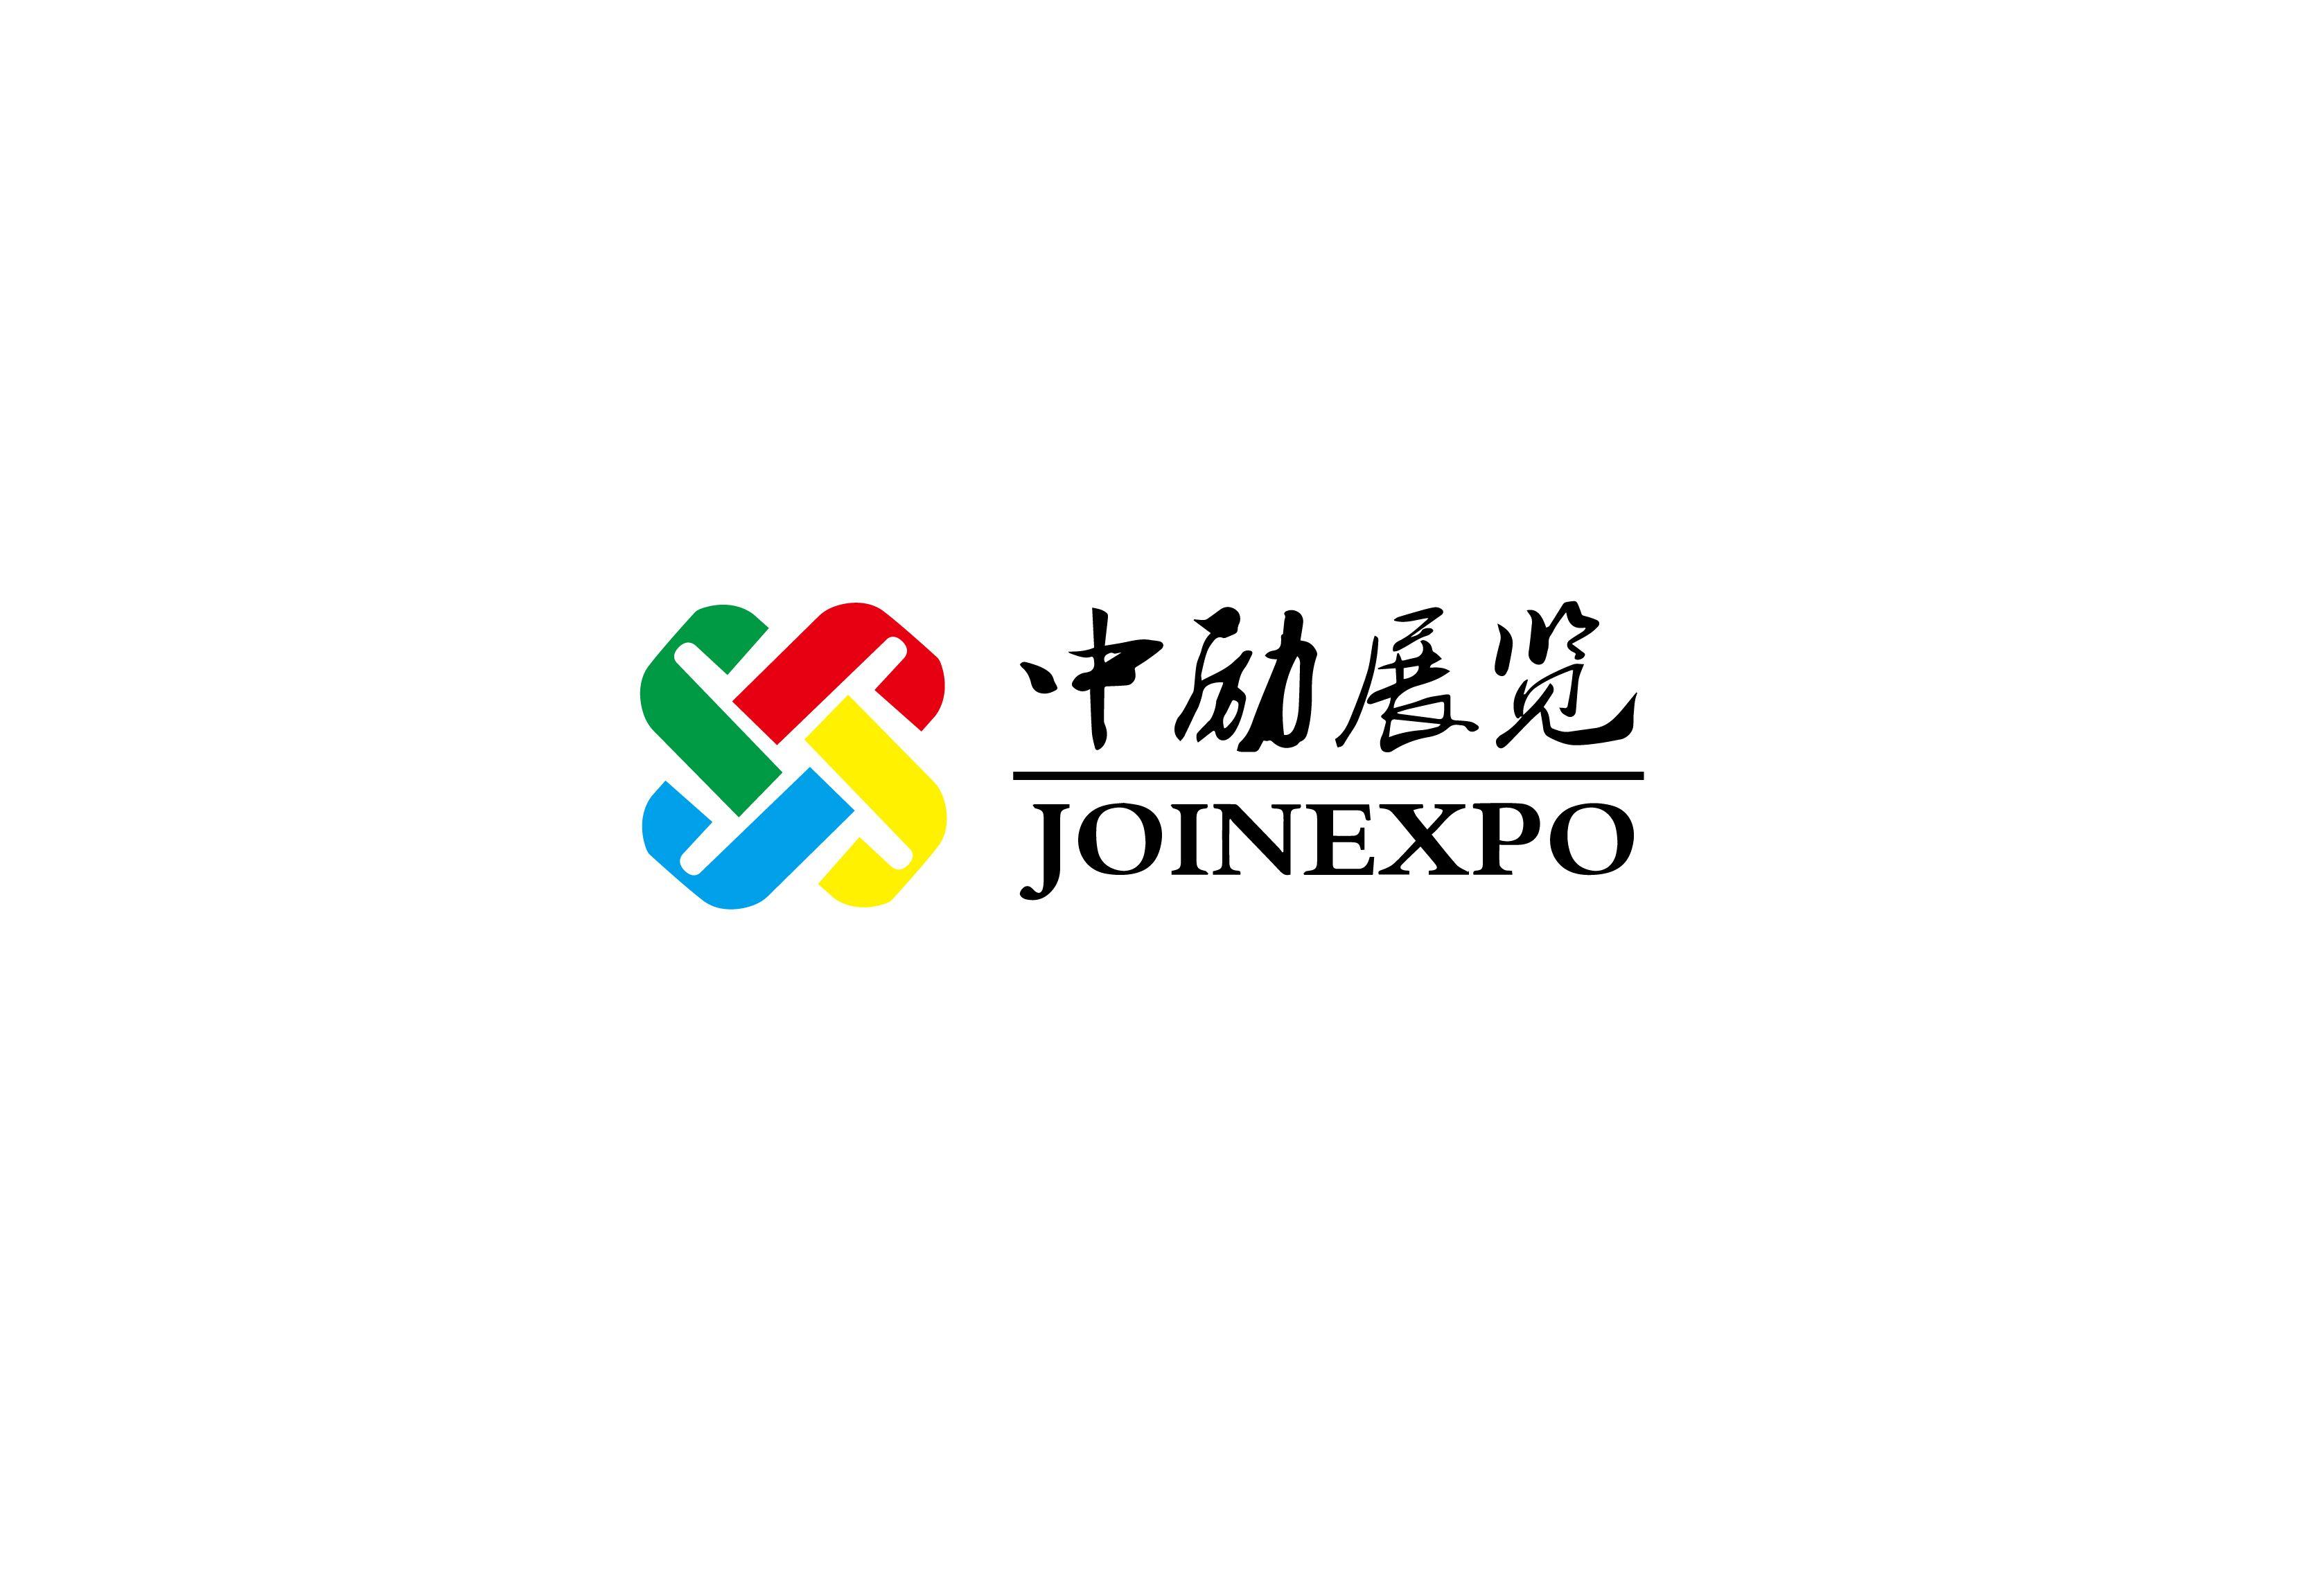 深圳市概念展示策划有限公司的企业标志